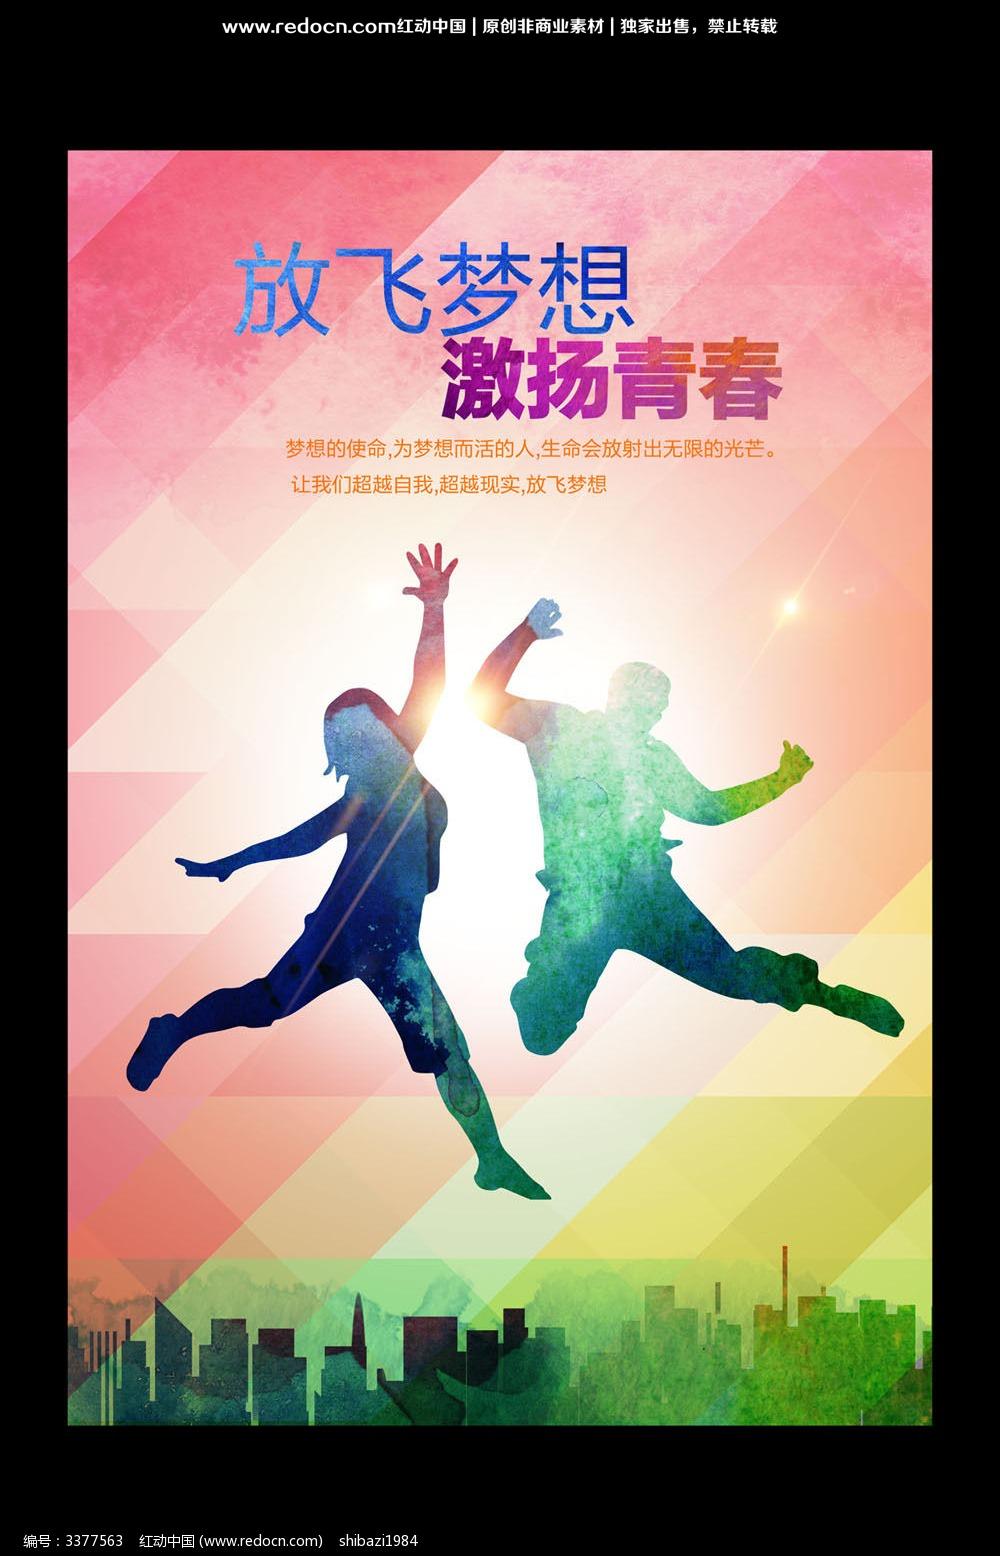 放飞青春梦想创意海报设计psd下载